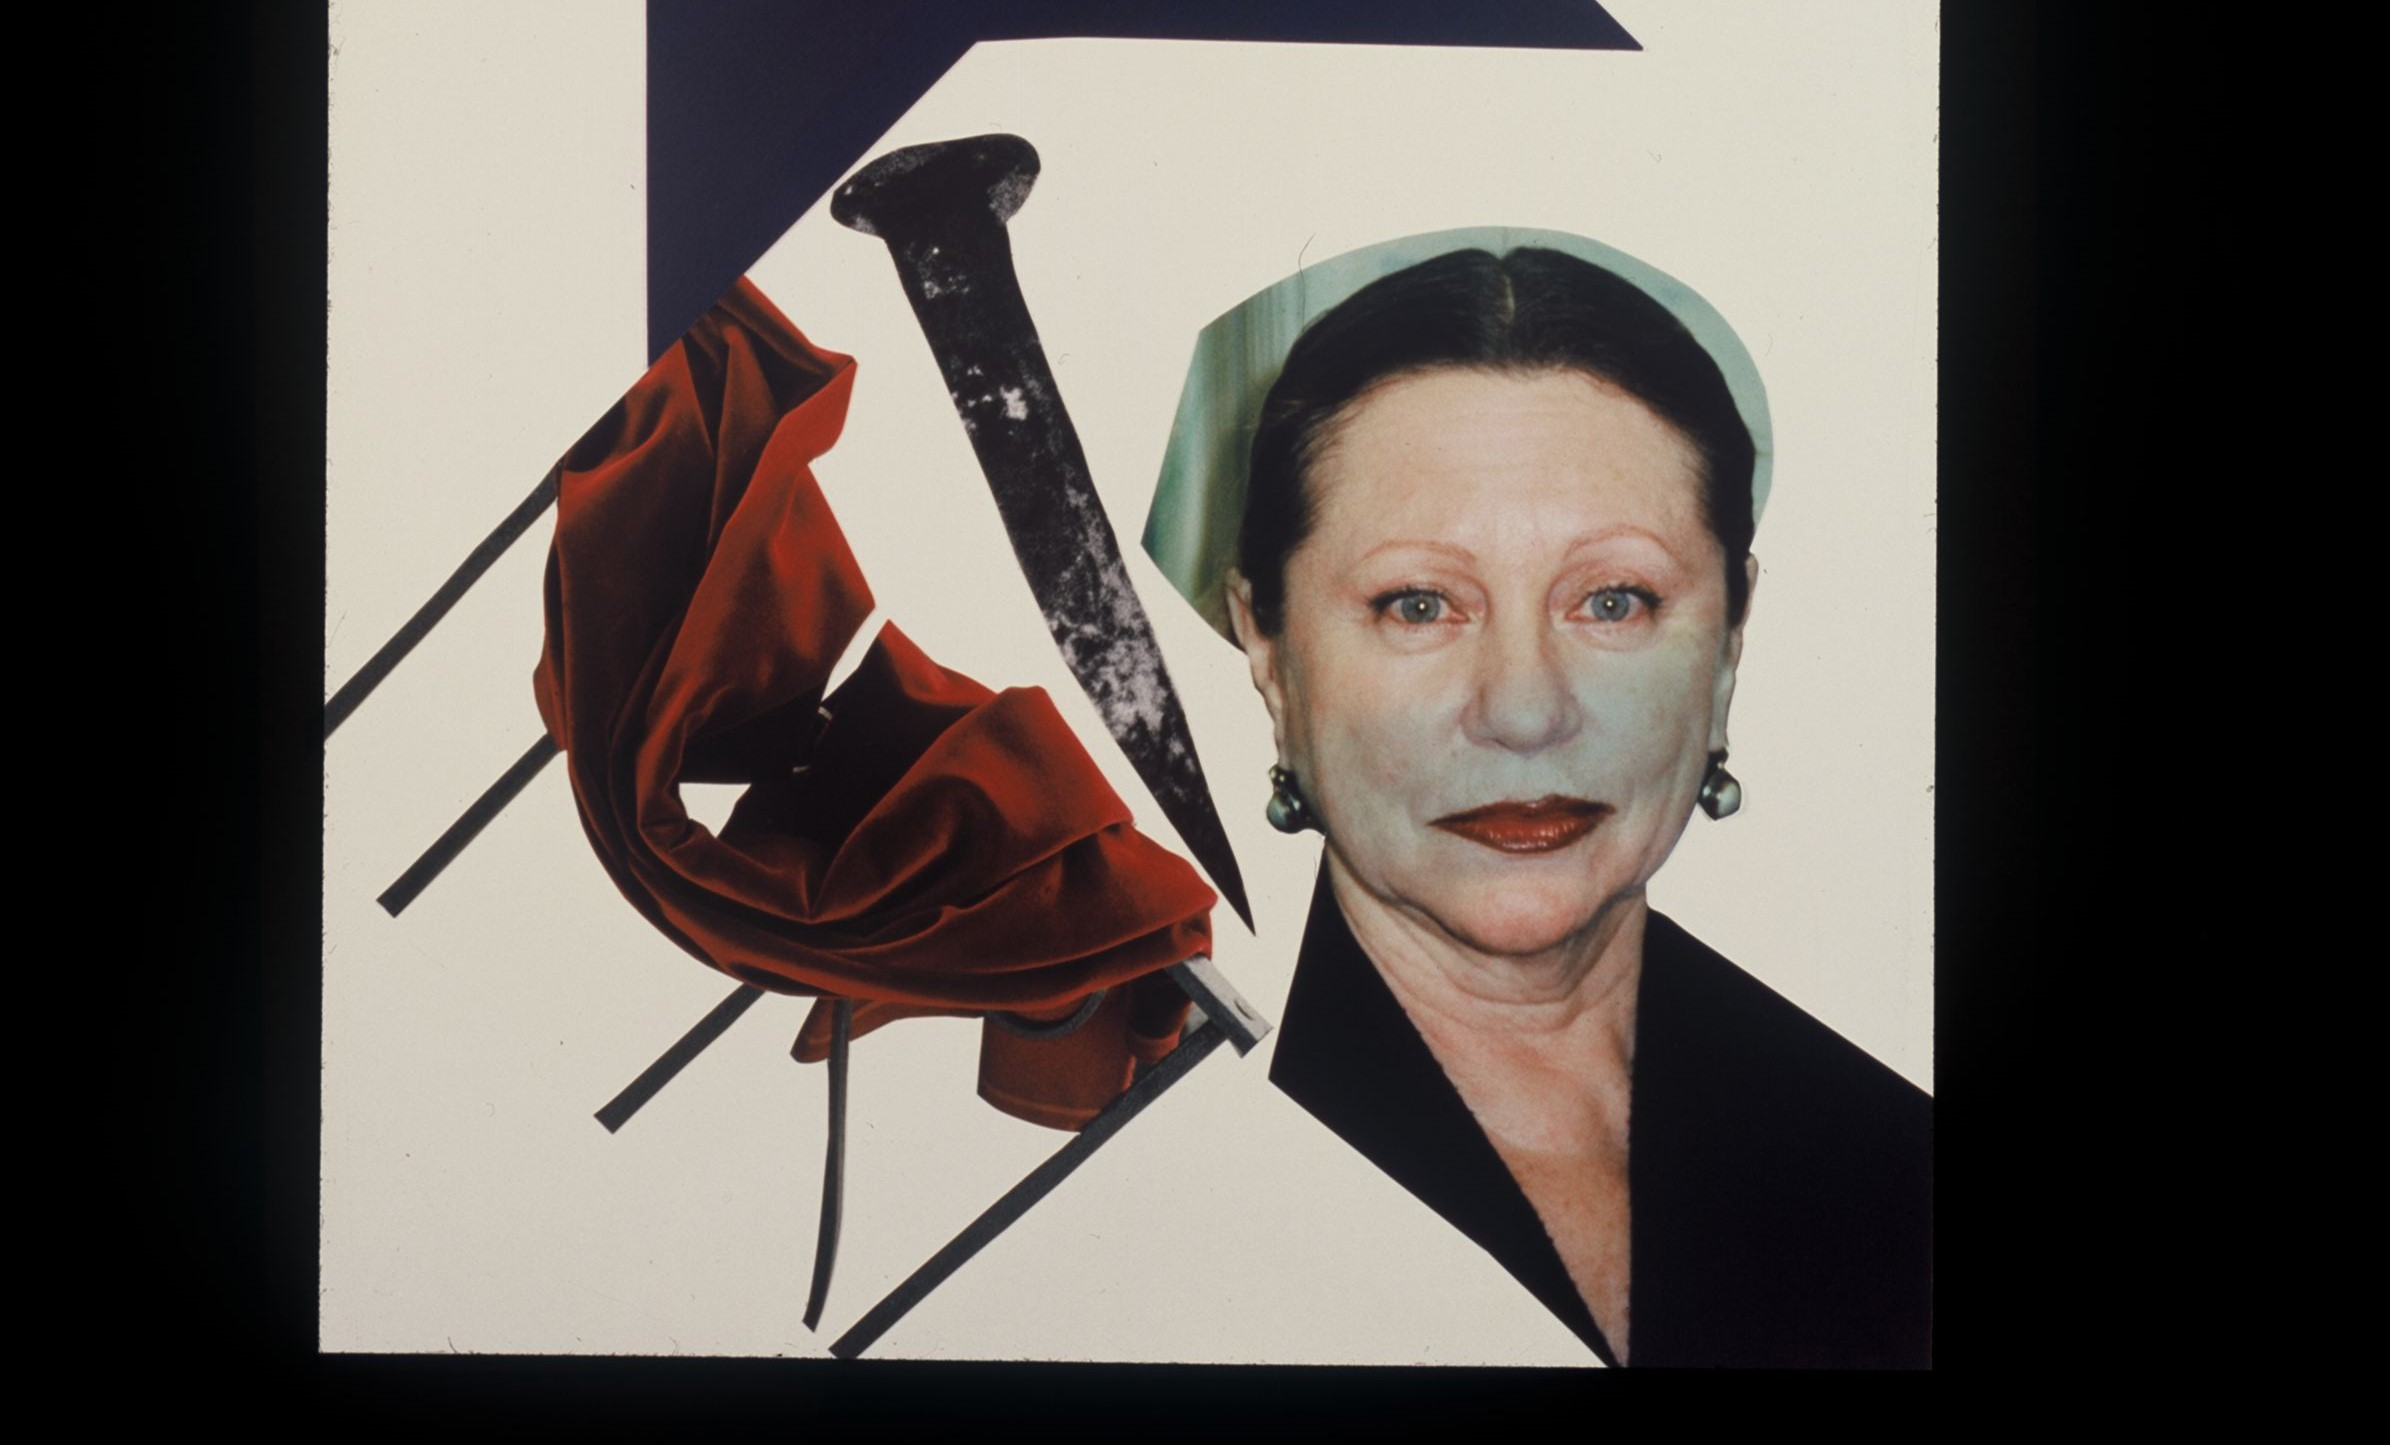 la foto mostra un collage a colori che ritrae l'artista Evelina Schatz con, a sinistra, un chiodo e un pezzo di stoffa rosso